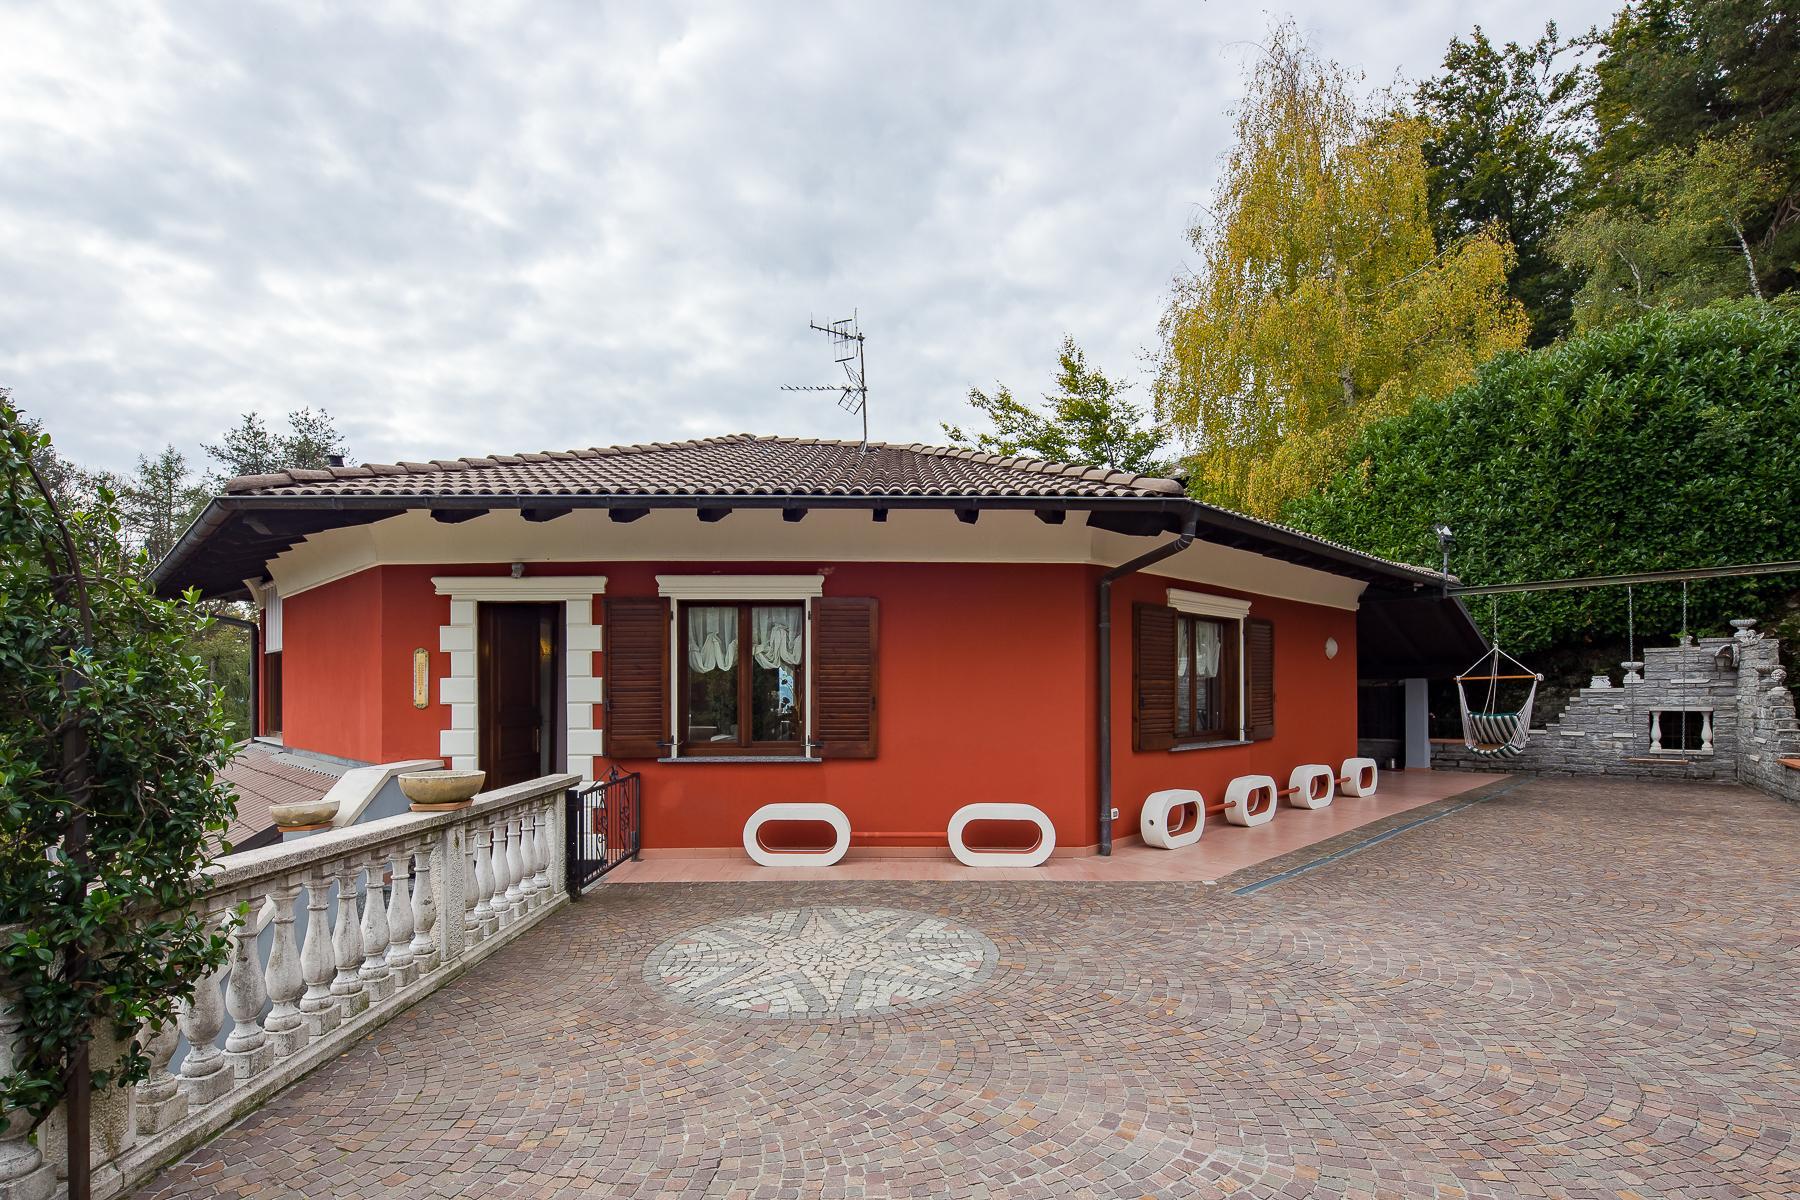 Villa unifamiliare nella zona collinare di Verbania con vista magnifica sul lago - 12